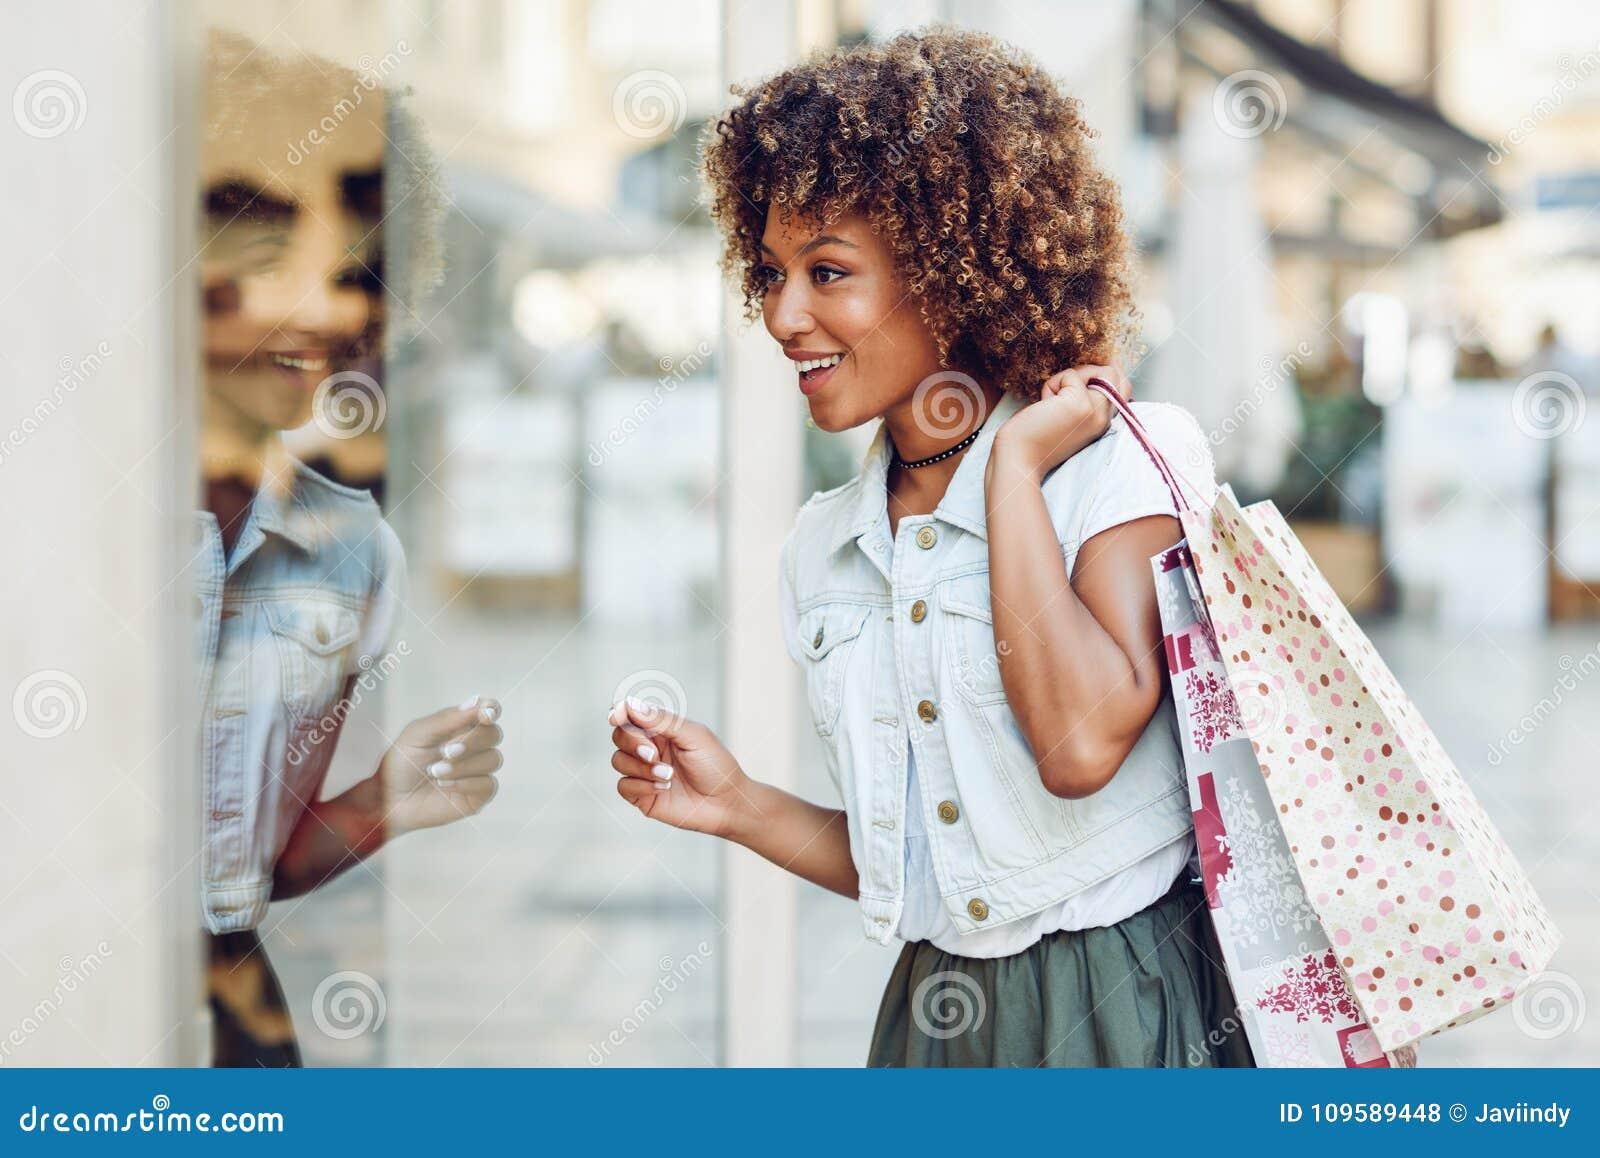 Mulher negra nova, penteado afro, olhando uma janela da loja